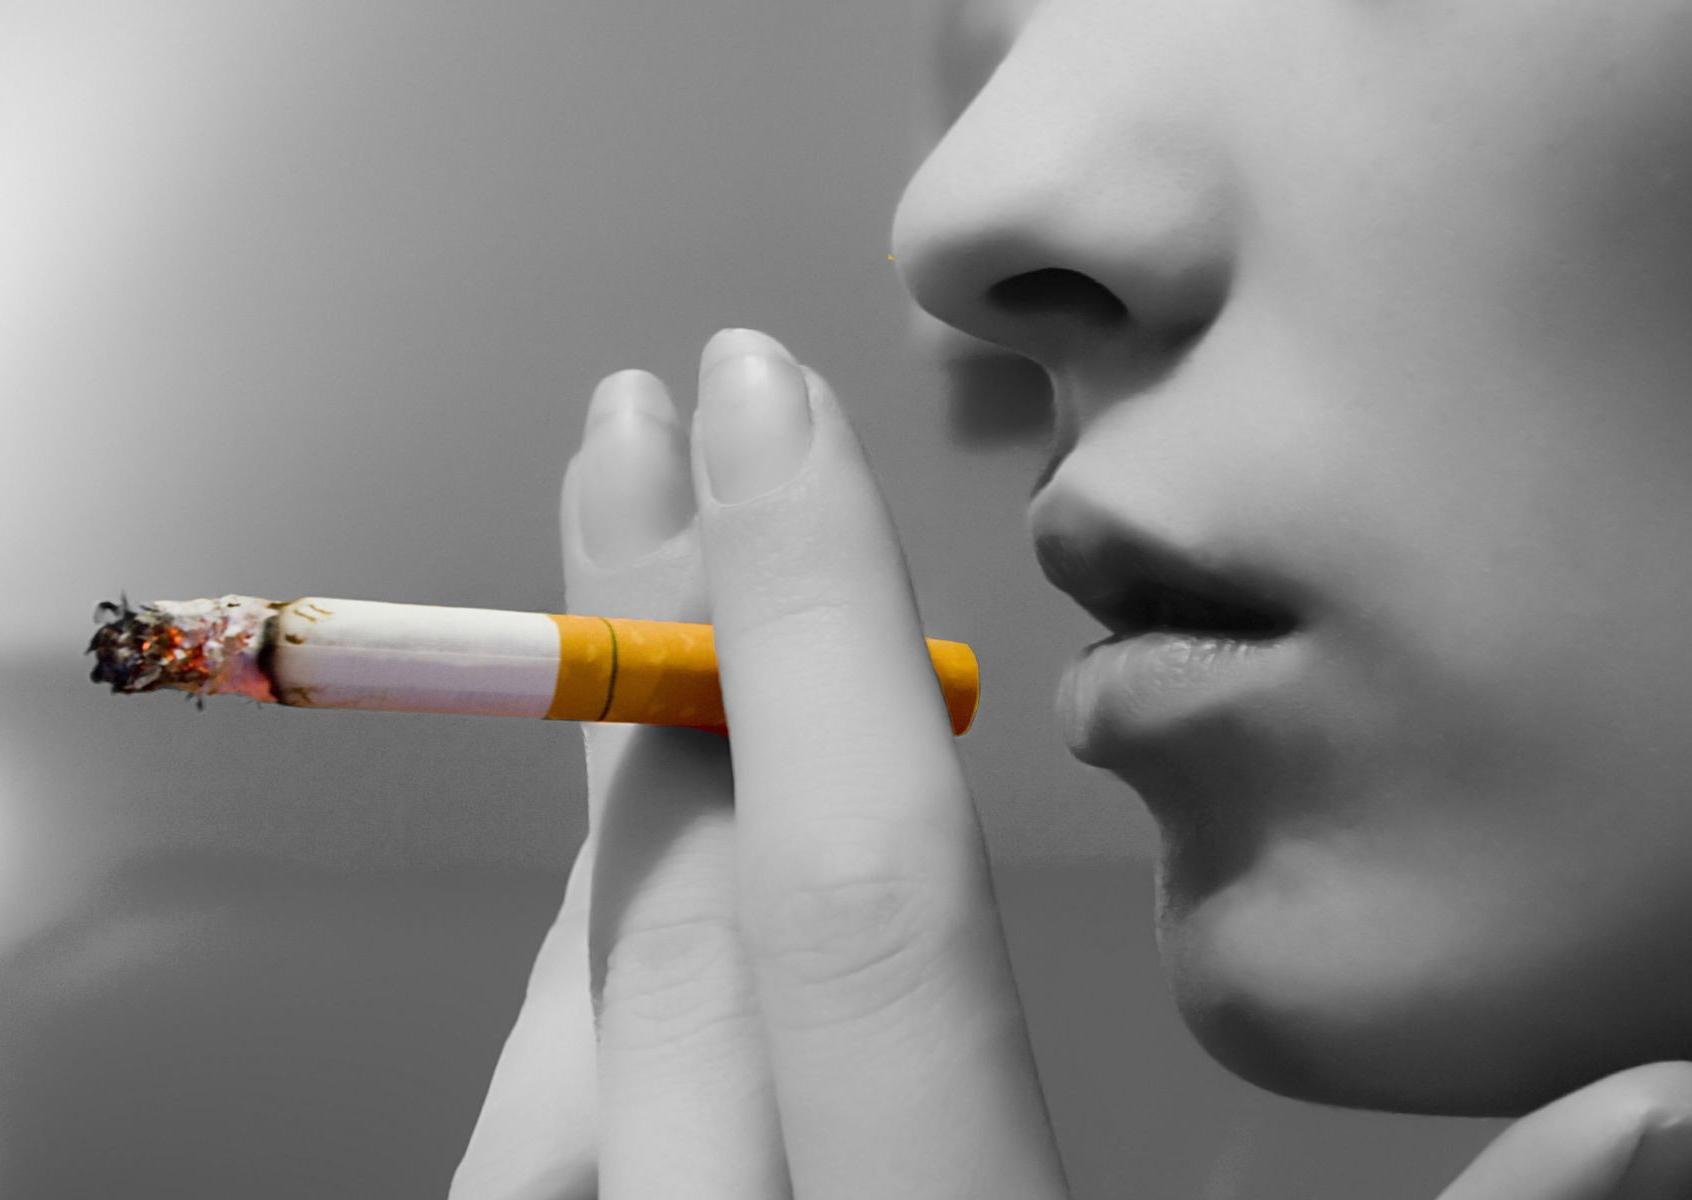 Il fumo: sai quanto fa male? [QUIZ]